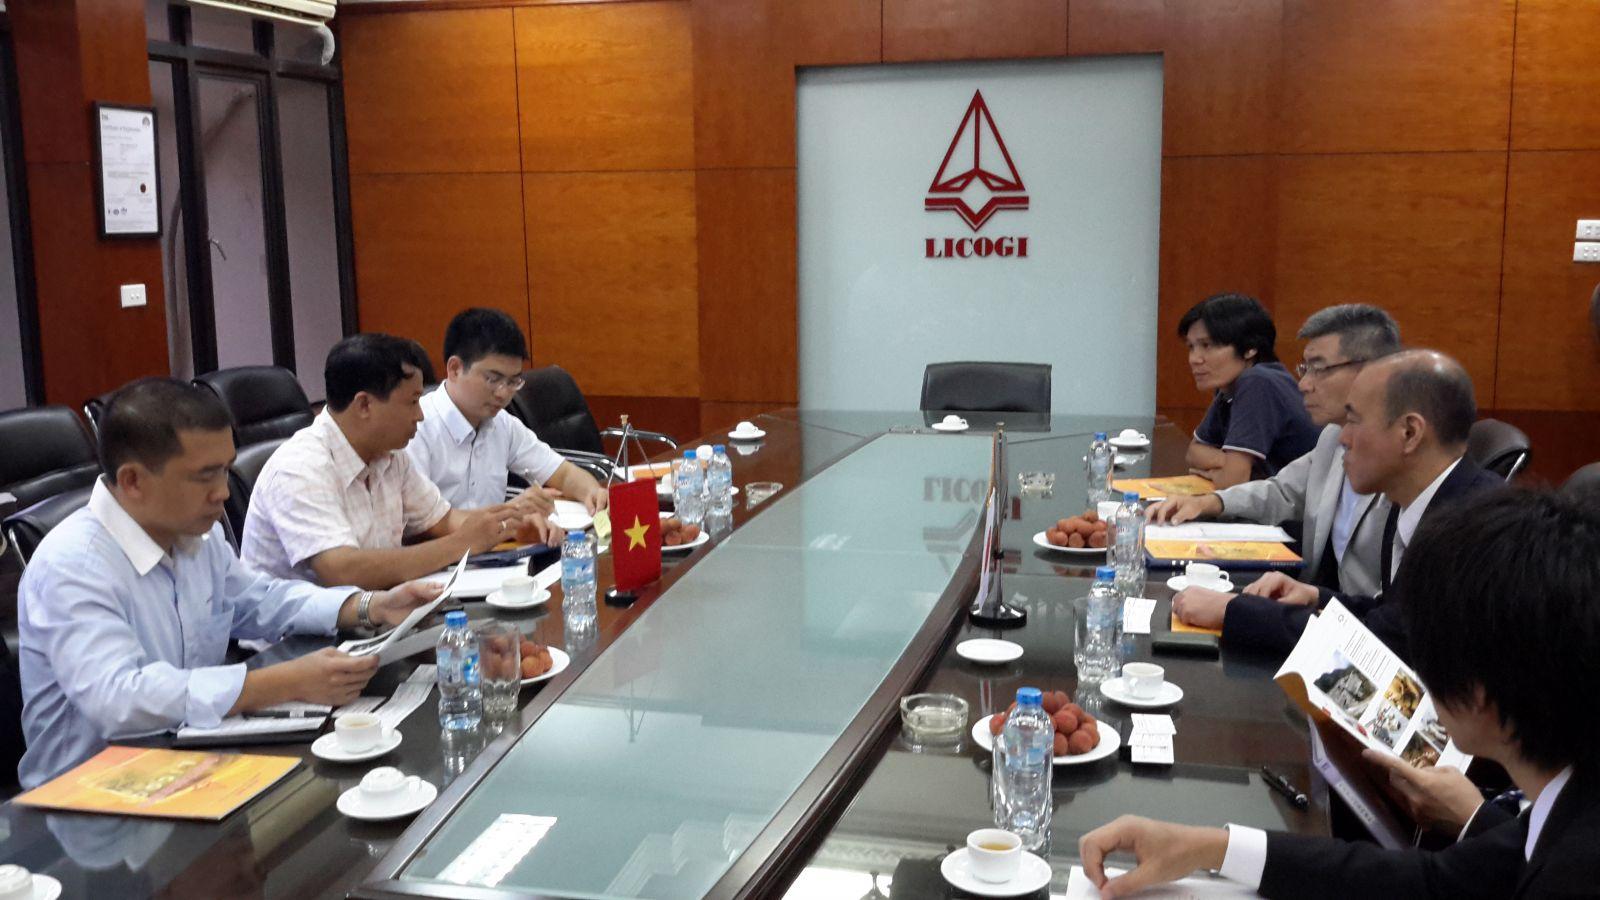 吉岡建設(株)はLICOGI 総会社へ訪問し、打ち合わせ